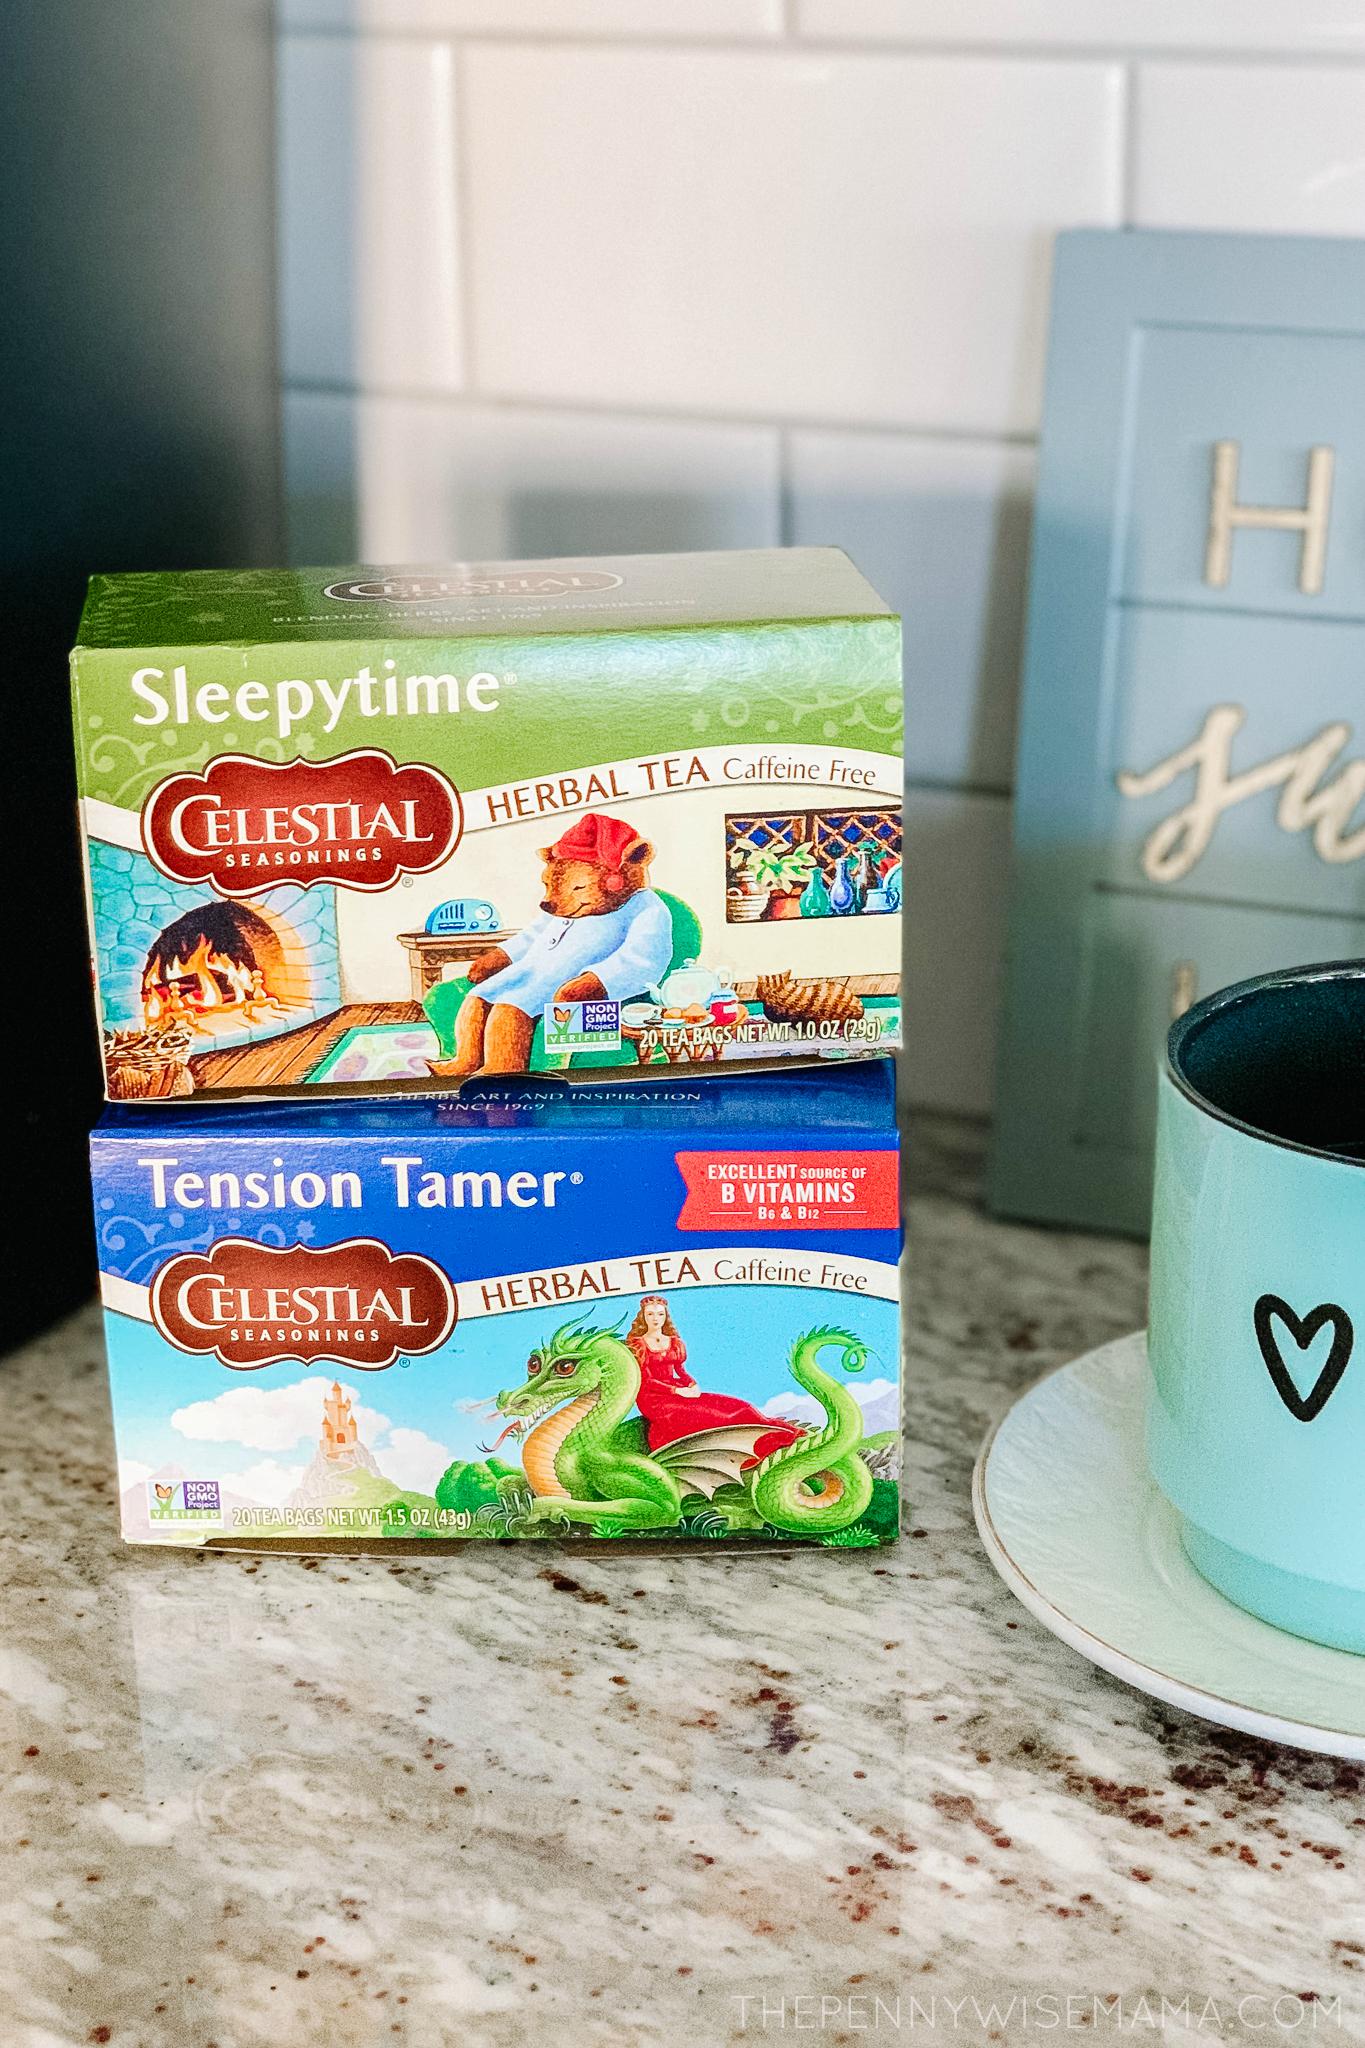 Celestial Seasonings Tension Tamer and Sleepytime Teas